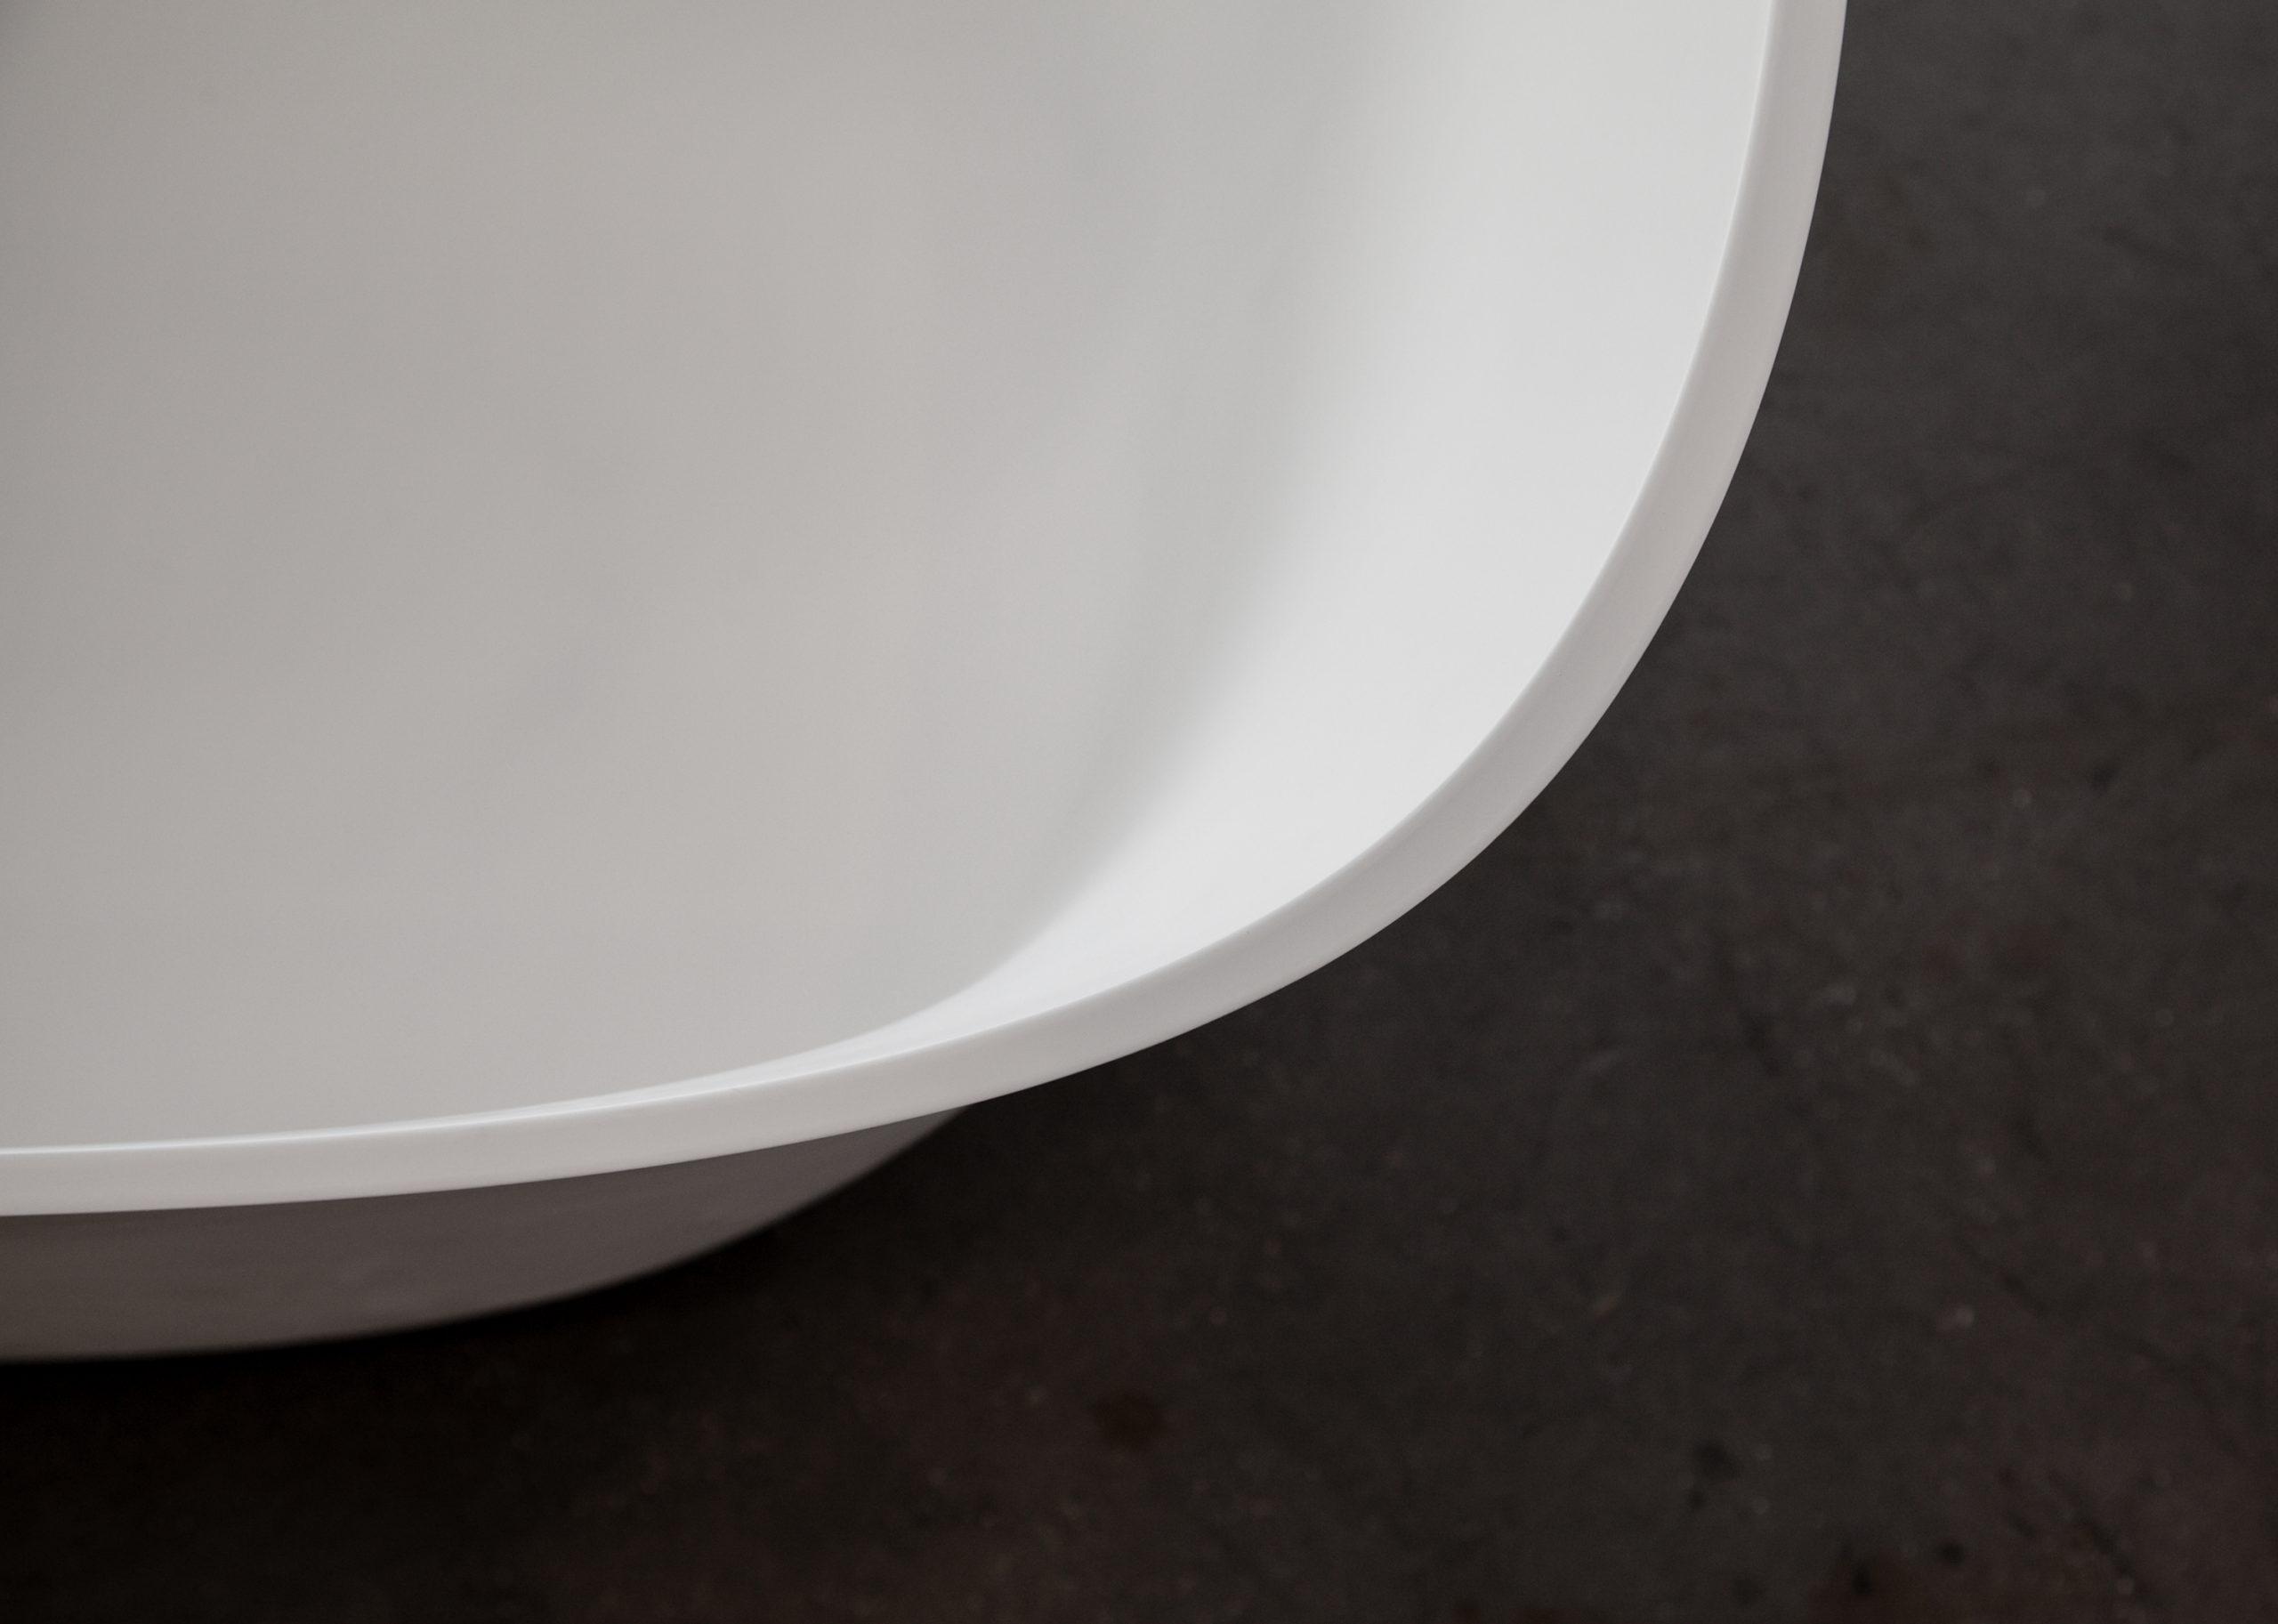 Dafne bathtub prototype